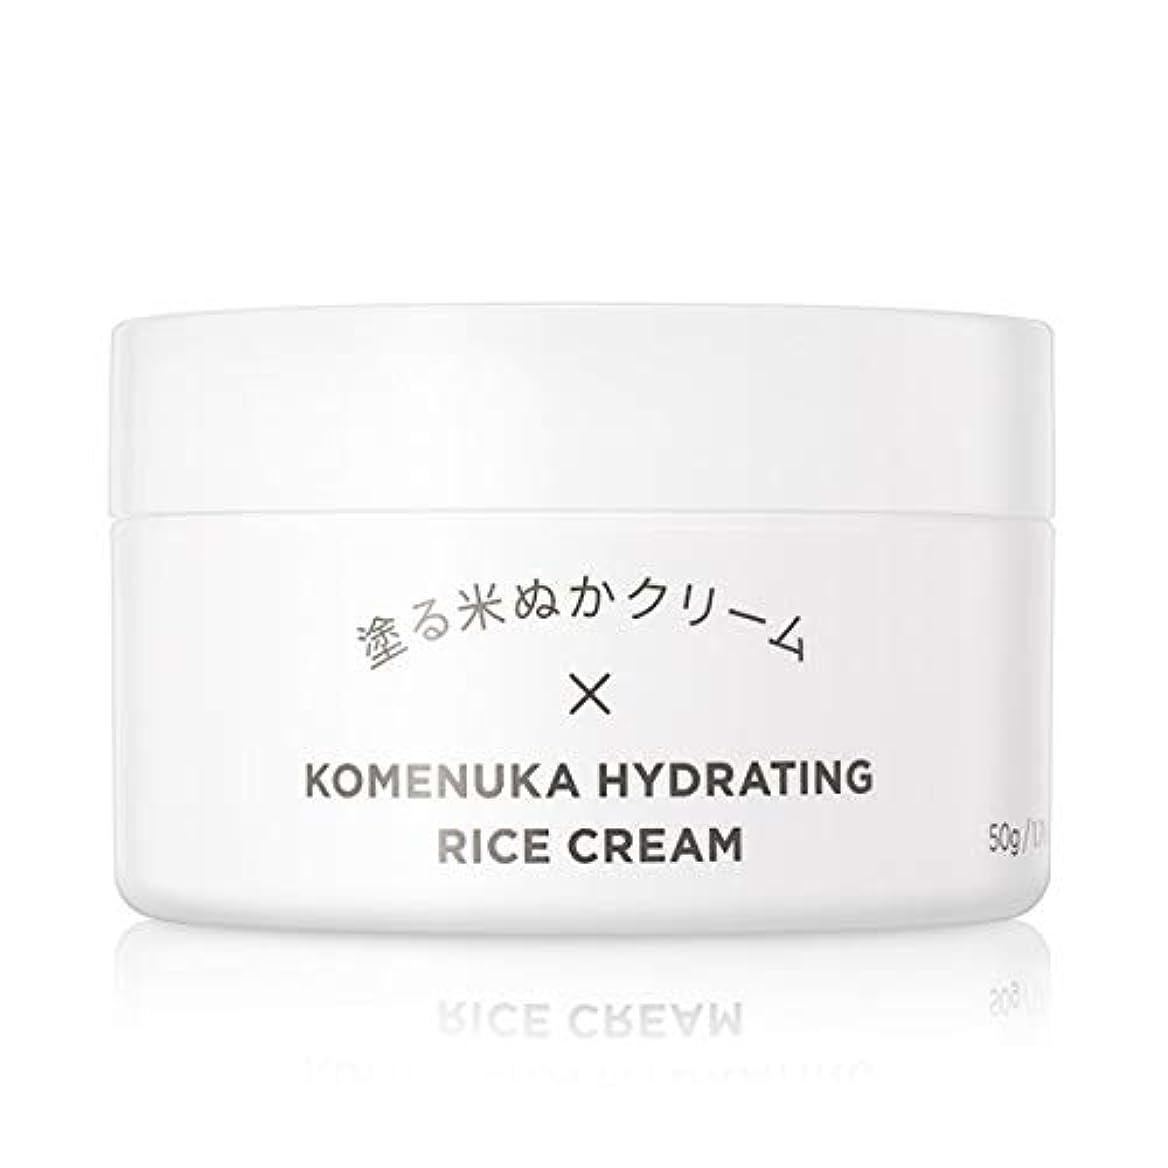 バタフライ無法者繊維米一途 塗る米ぬかクリーム スキンケア 無添加 クリーム 50g